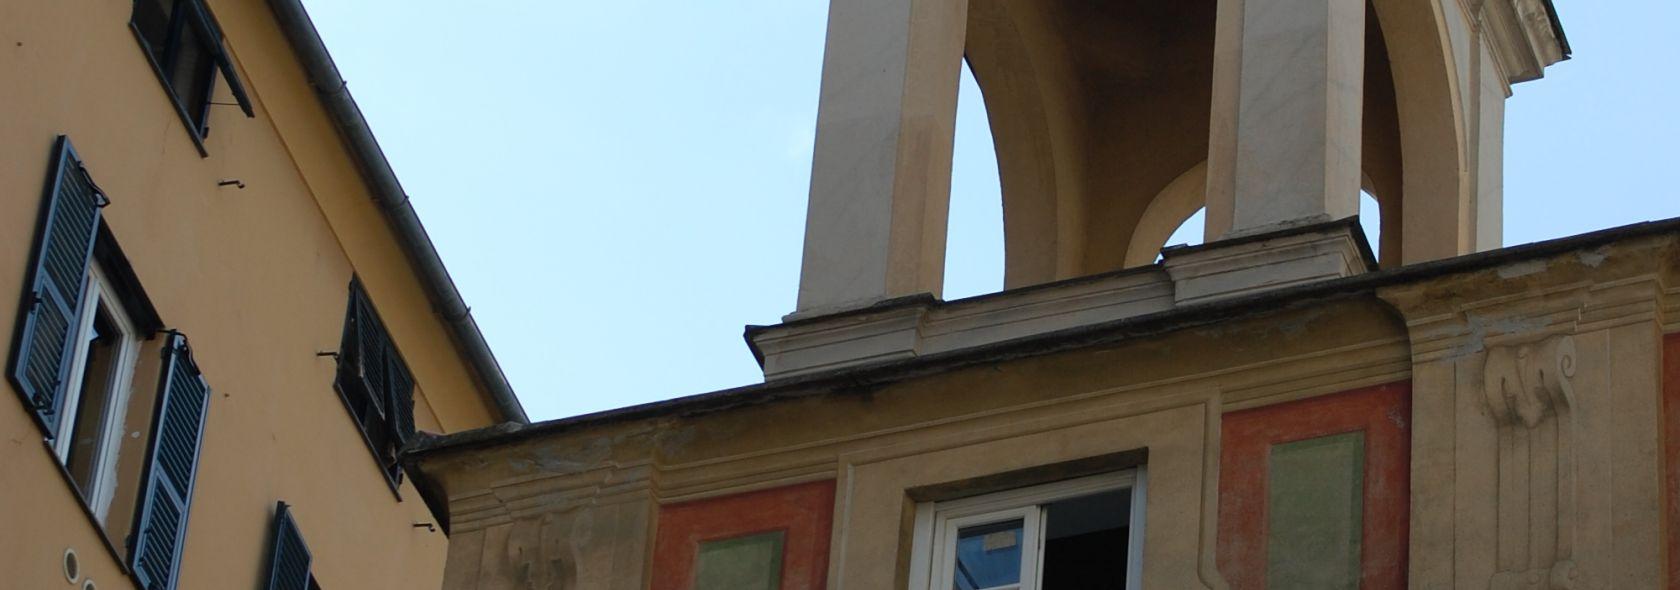 Piazza Banchi - Chiesa di San Pietro - dettaglio